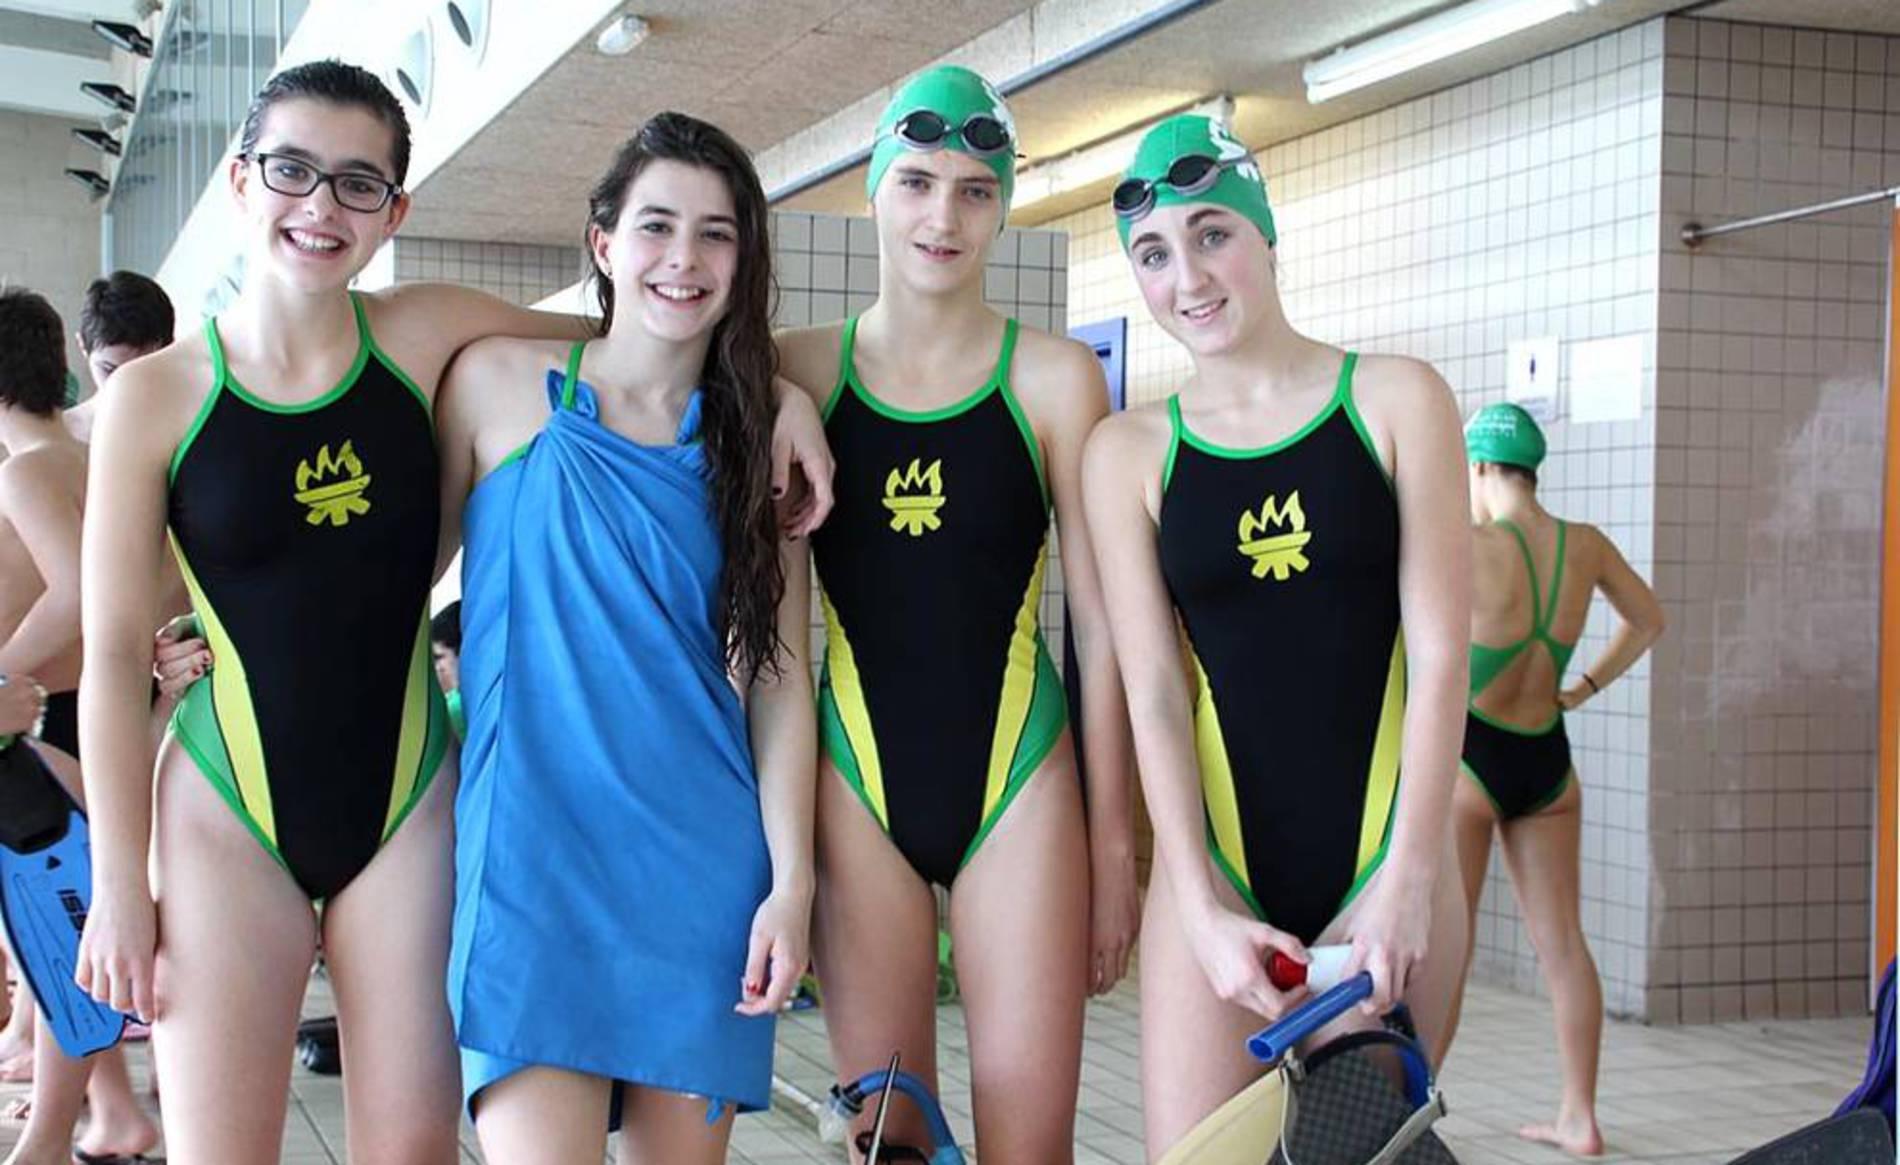 Click deportes nataci n con aletas jornada en la piscina for Aletas natacion piscina